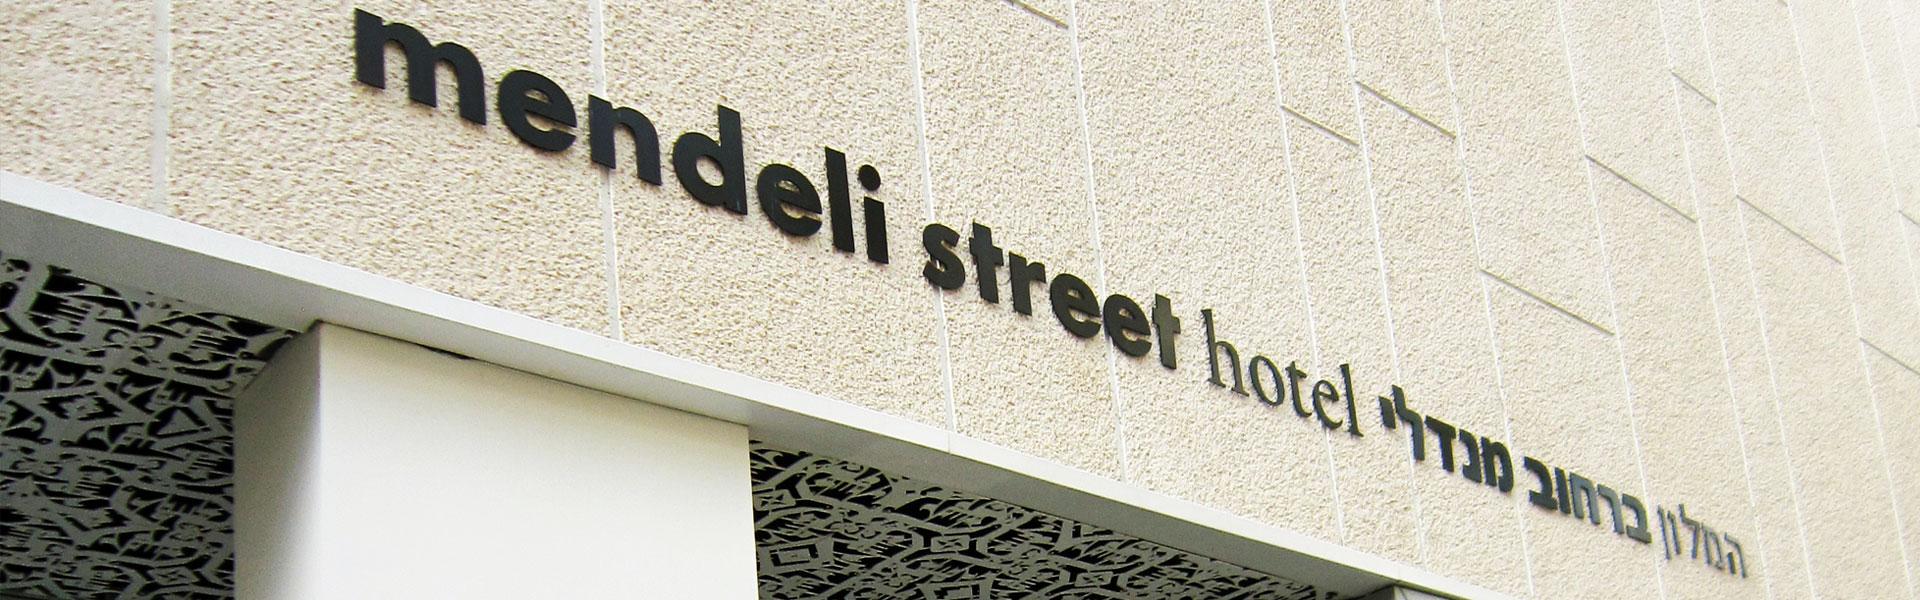 Séjour à l'hôtel-boutique Mendeli Street à Tel Aviv